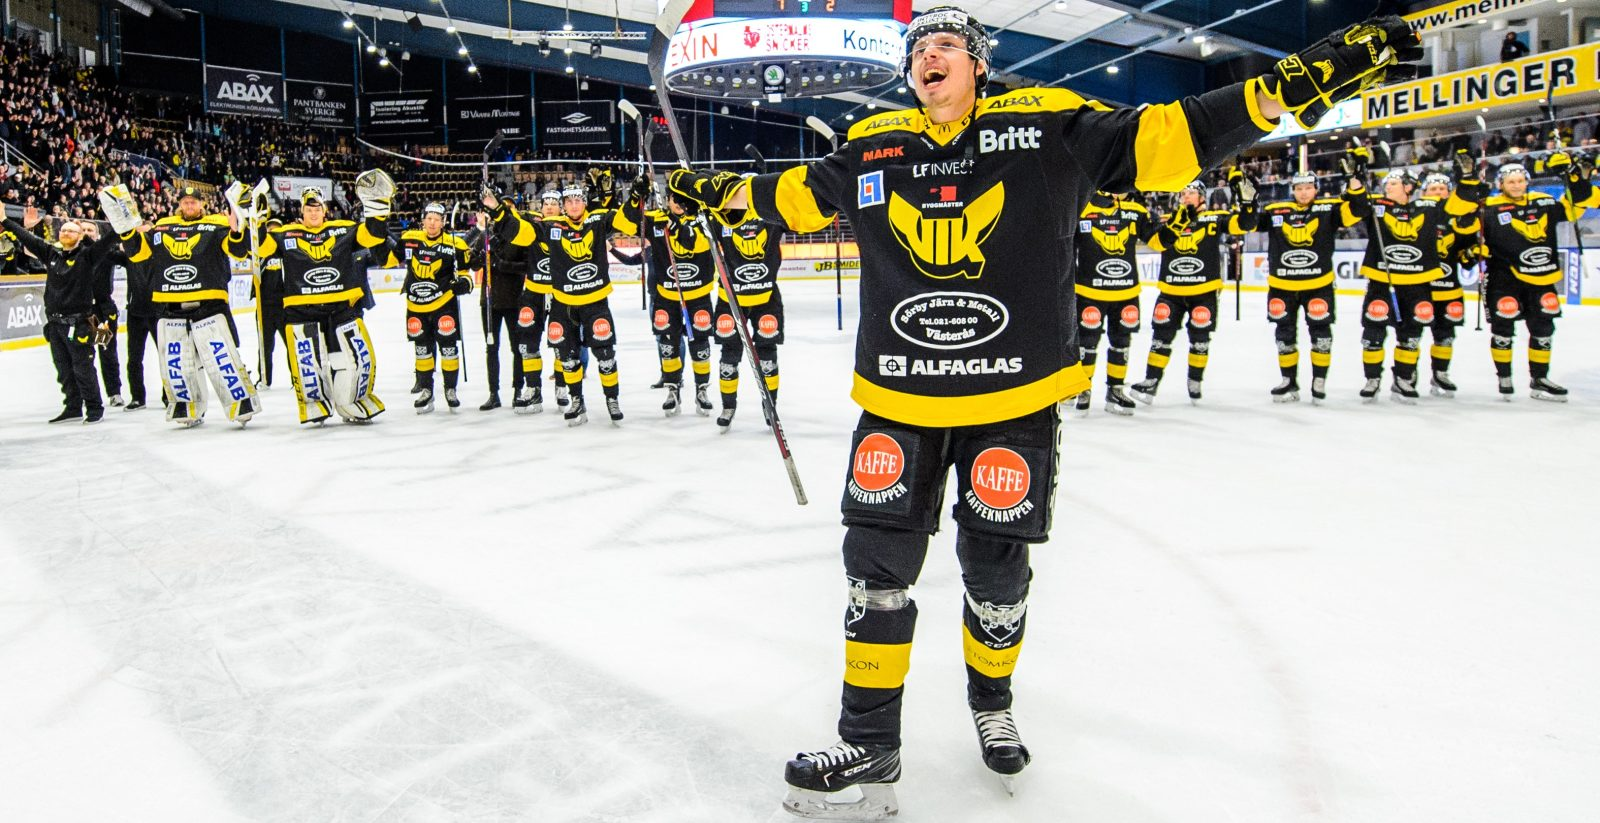 Hedlund Sa Slutar Hockeyallsvenskan 2019 2020 Hockeybladet Nu